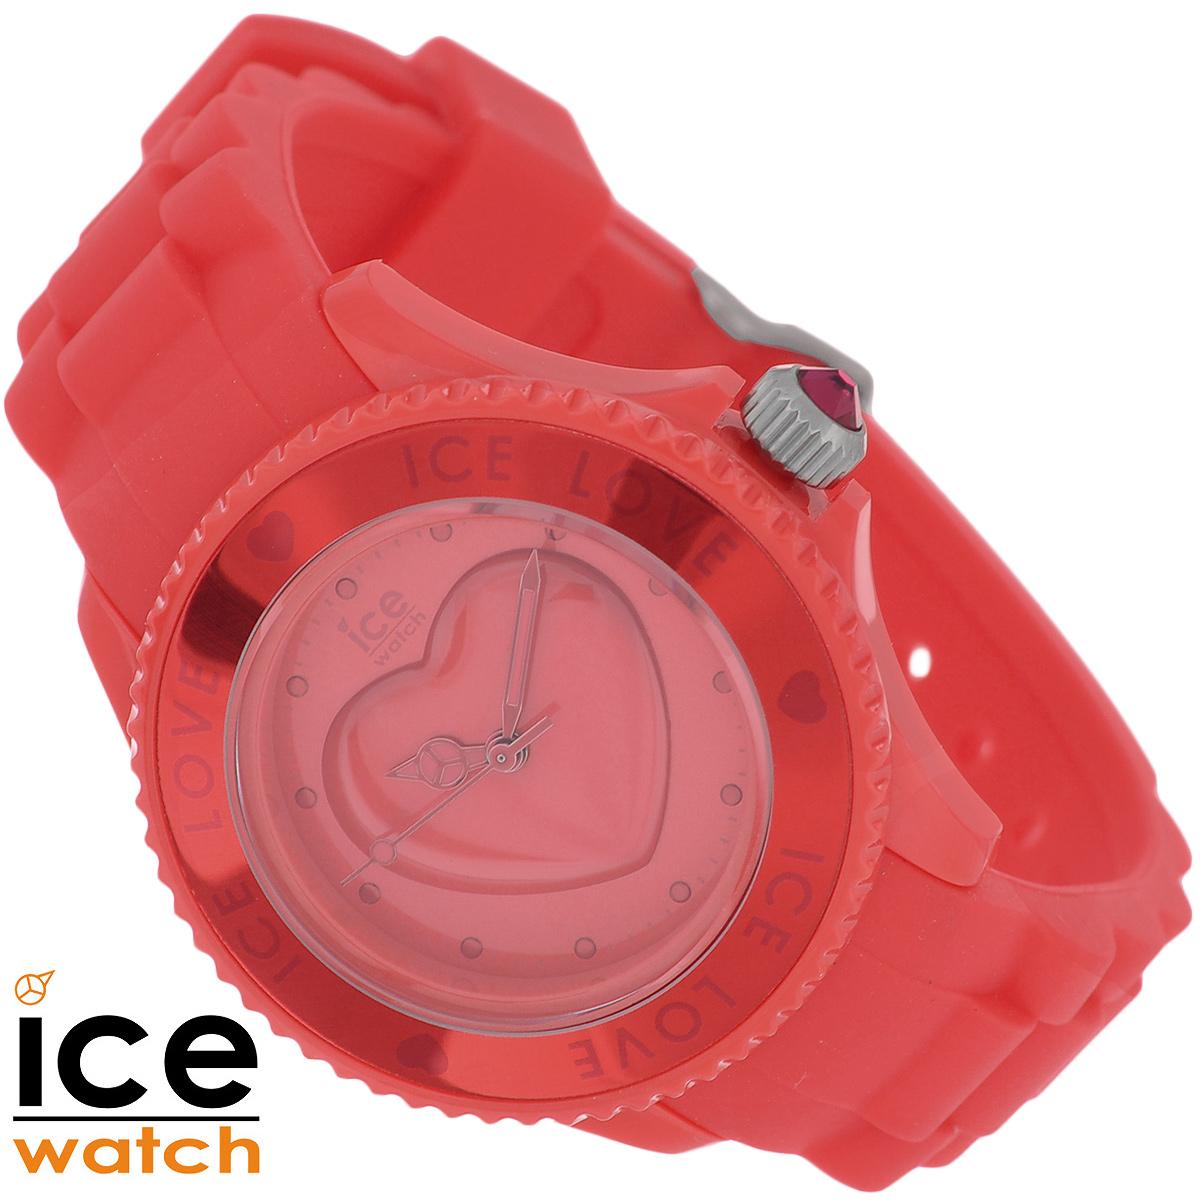 Часы женские наручные Ice Watch, цвет: красный. LO.RD.S.S.10 SmallLO.RD.S.S.10Стильные женские часы Ice watch - это яркий функциональный аксессуар для современных девушек, которые стремятся выделиться из толпы и подчеркнуть свою индивидуальность. Часы оснащены японским кварцевым механизмом Miyota 2033. Корпус часов выполнен из нержавеющей стали с покрытием из пластика. Циферблат декорирован кристаллами Swarovski, оформлен декоративным элементом в виде выпуклого сердца и защищен минеральным стеклом. Часы имеют три стрелки - часовую, минутную и секундную. Ремешок выполнен из силикона и застегивается на классическую застежку. Заводная головка часов украшена кристаллом. Часы упакованы в фирменную коробку с логотипом Ice watch. Такой аксессуар добавит вашему образу стиля и подчеркнет безупречный вкус своей владелицы. Характеристики: Диаметр циферблата: 2,5 см. Размер корпуса: 3,7 см х 4 см х 1 см. Длина ремешка (с корпусом): 21,5 см. Ширина ремешка: 1,5 см.